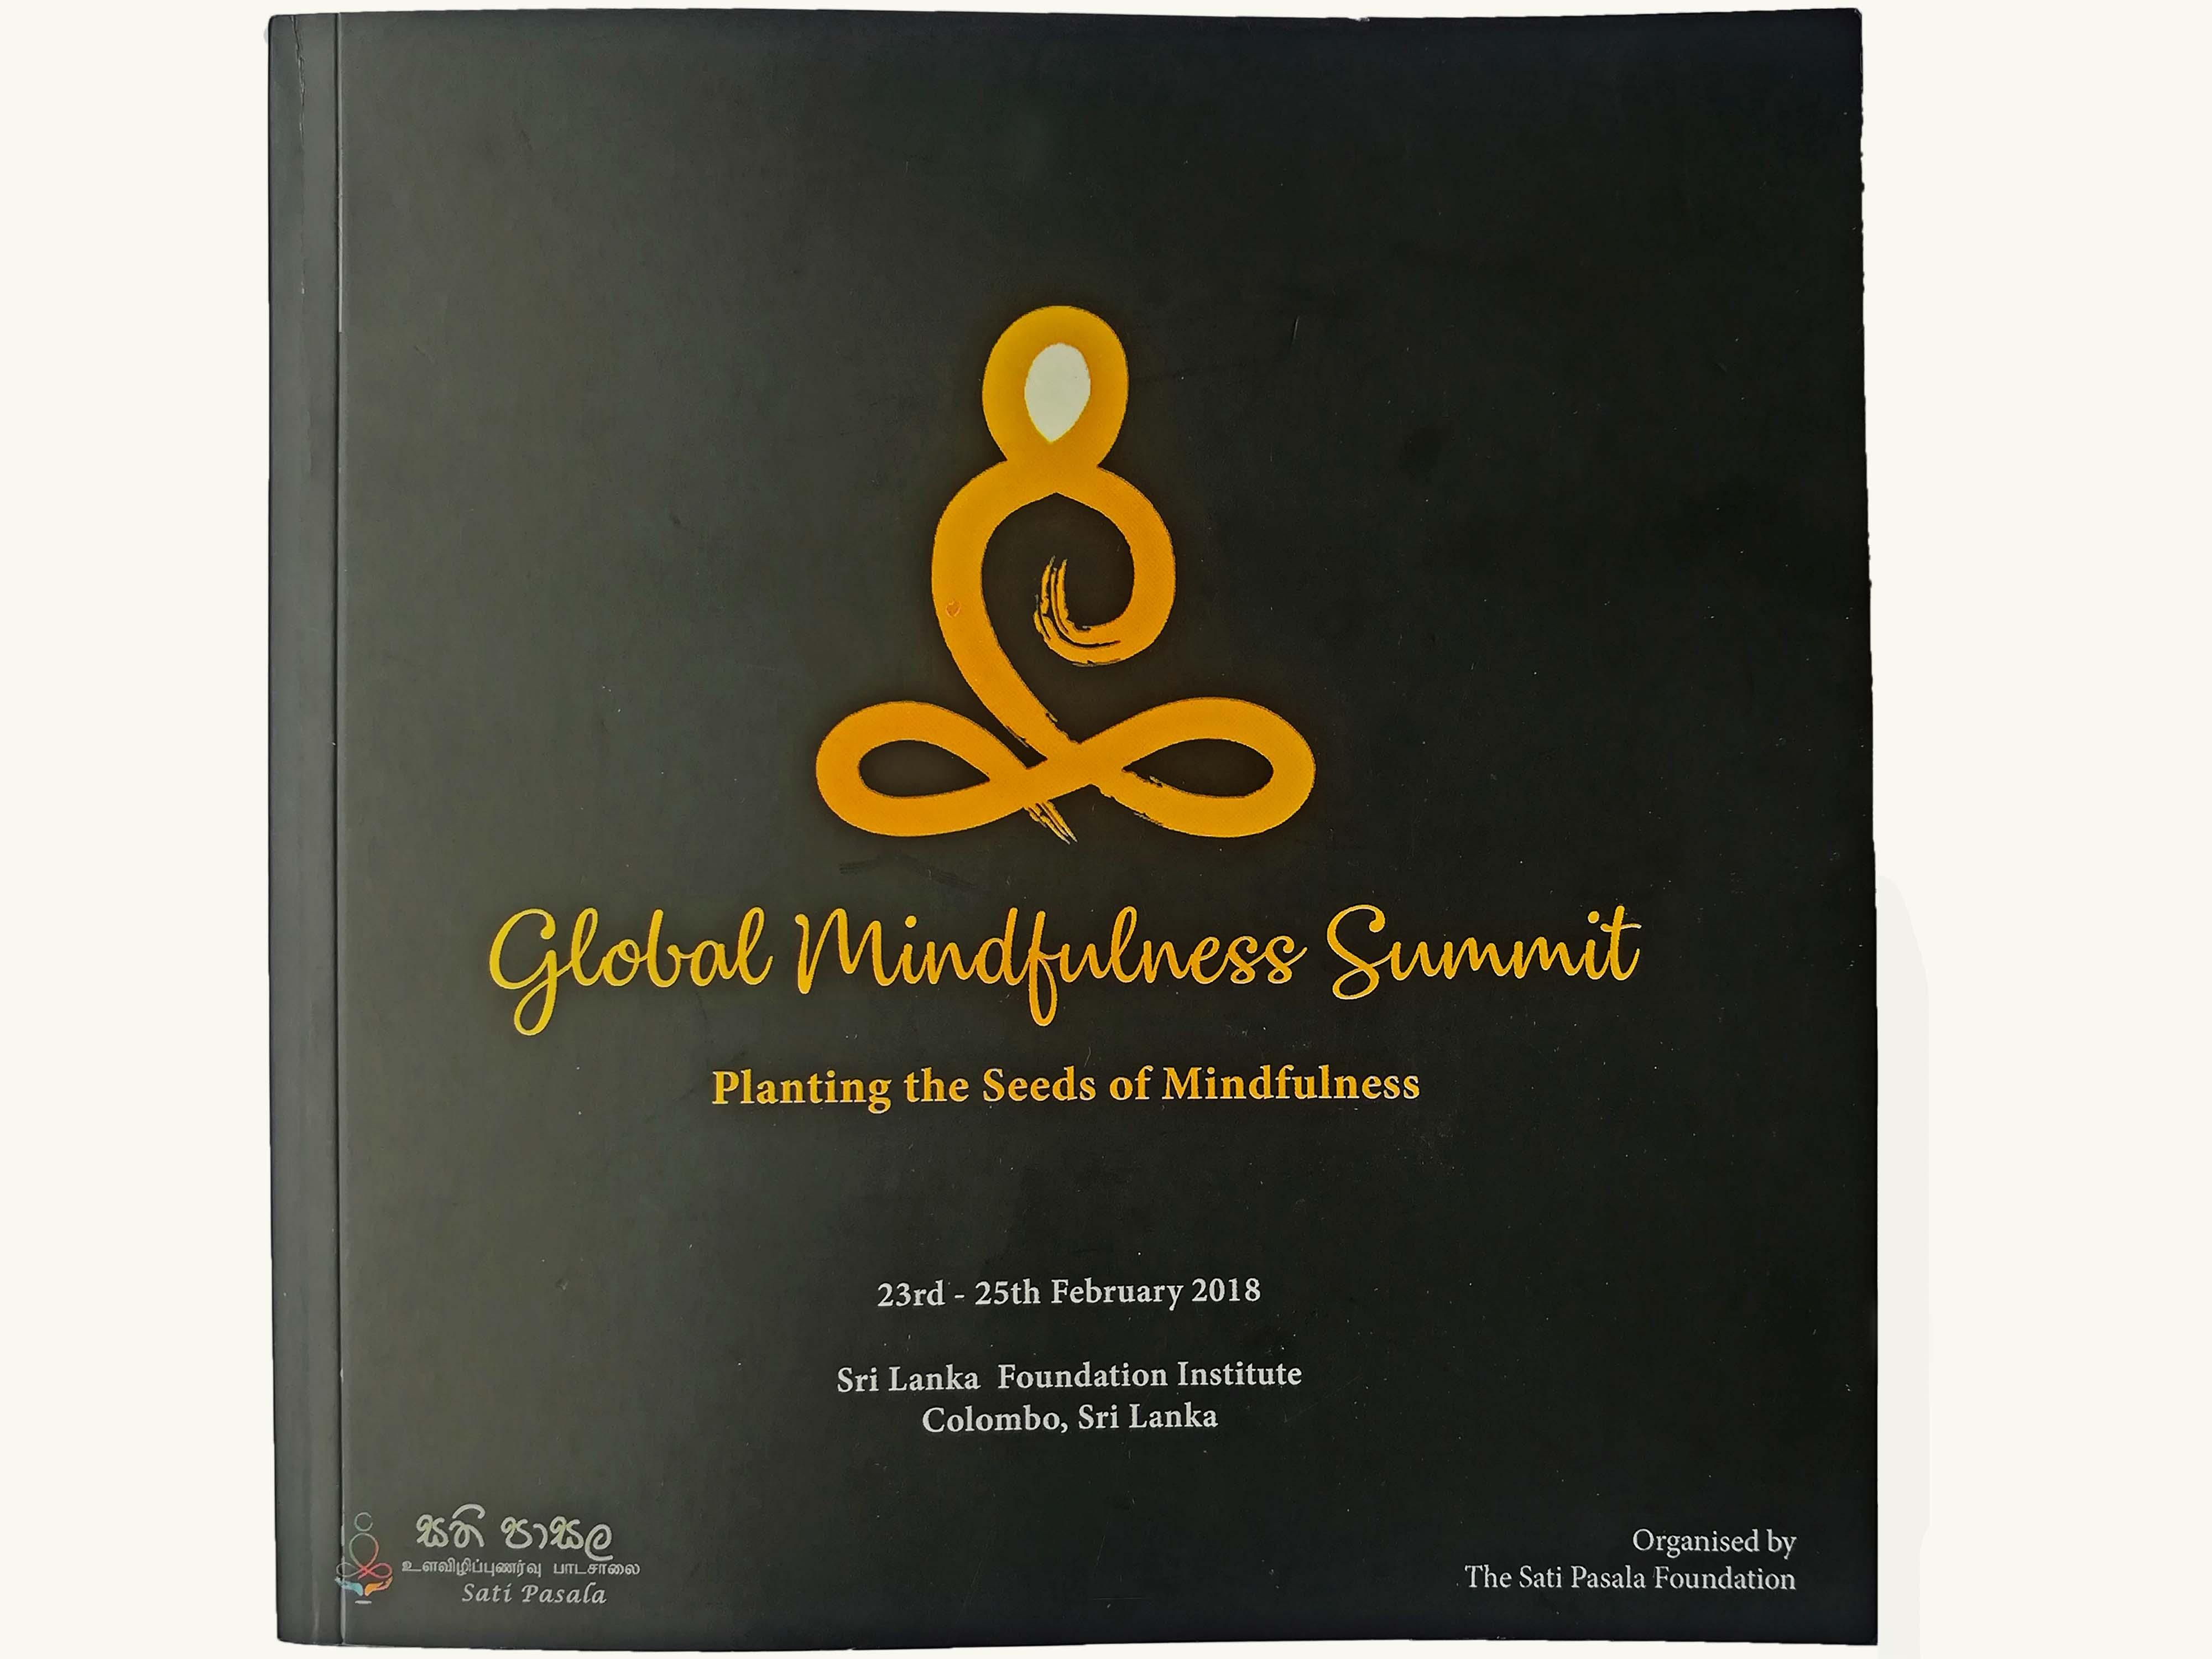 Global Mindfulness Summit E-Brochure